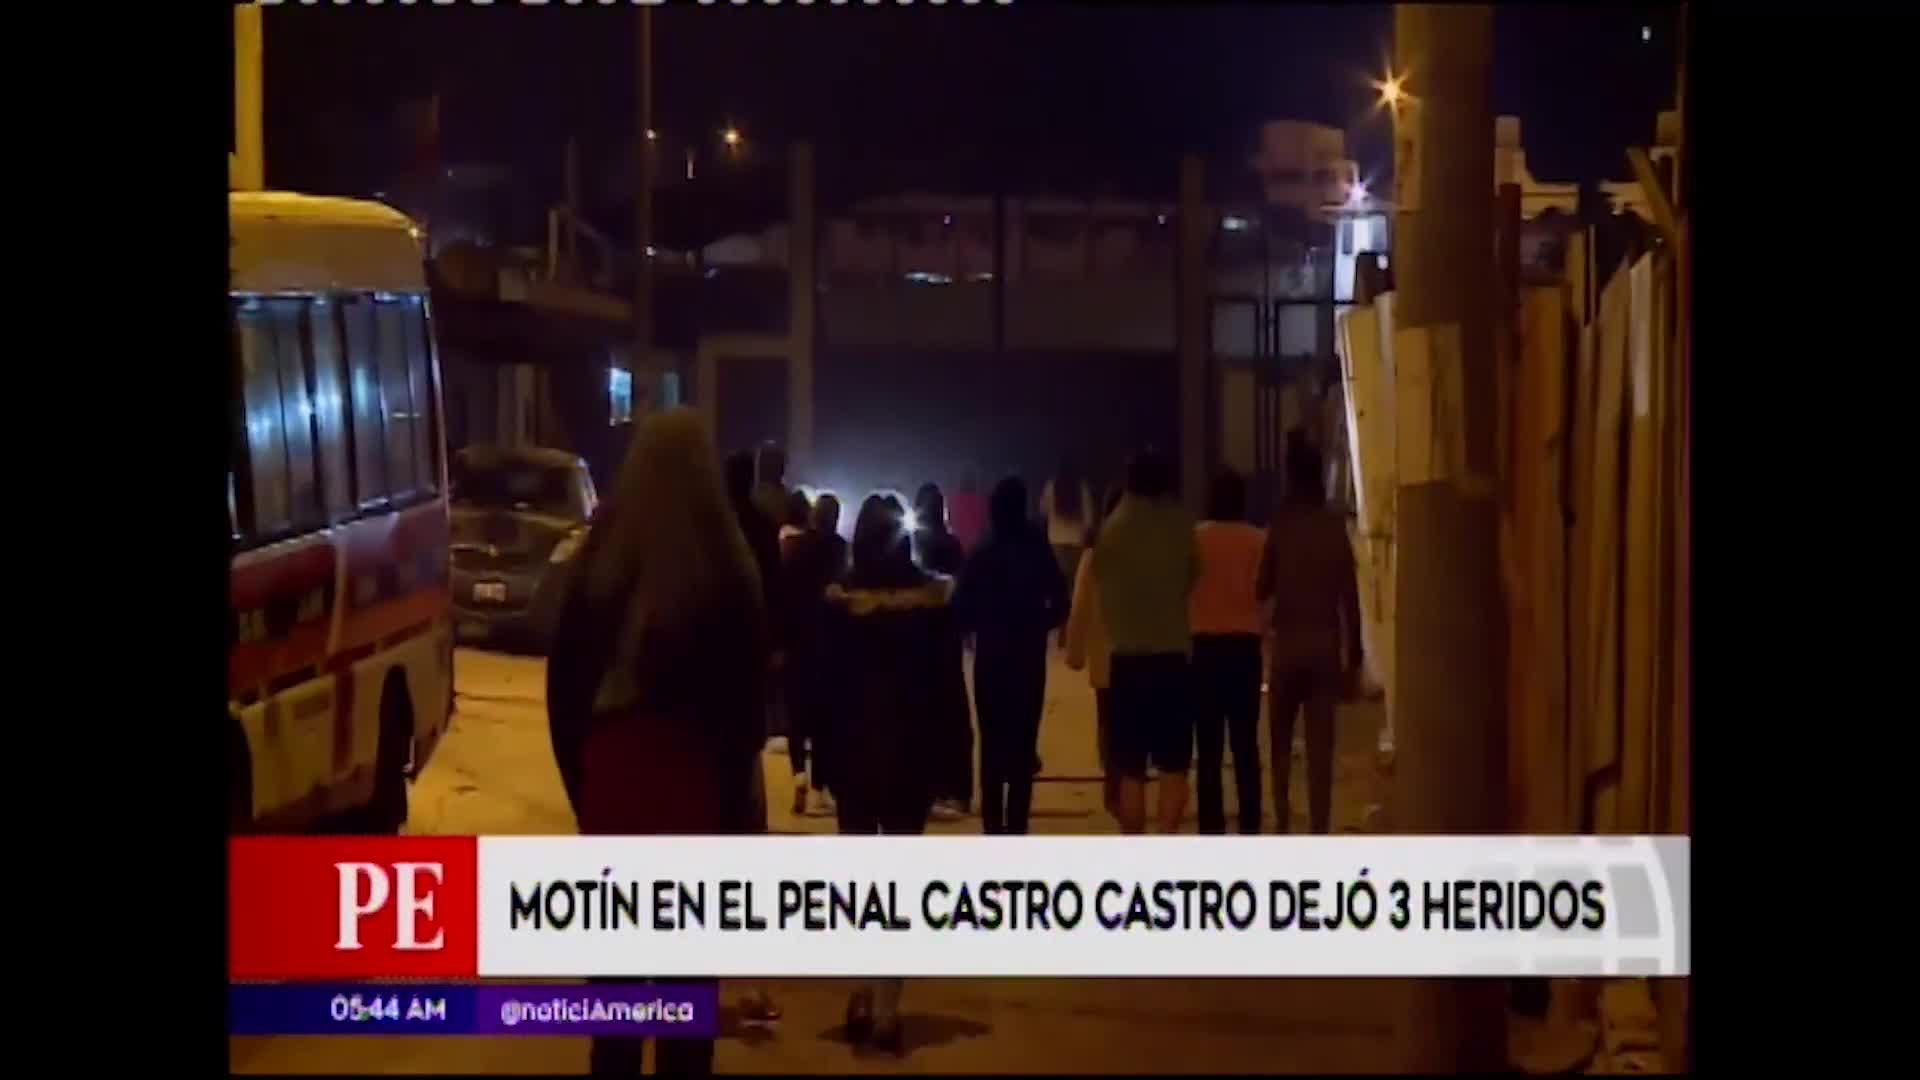 SJL:  tres reos resultan heridos tras motín en penal Castro Castro